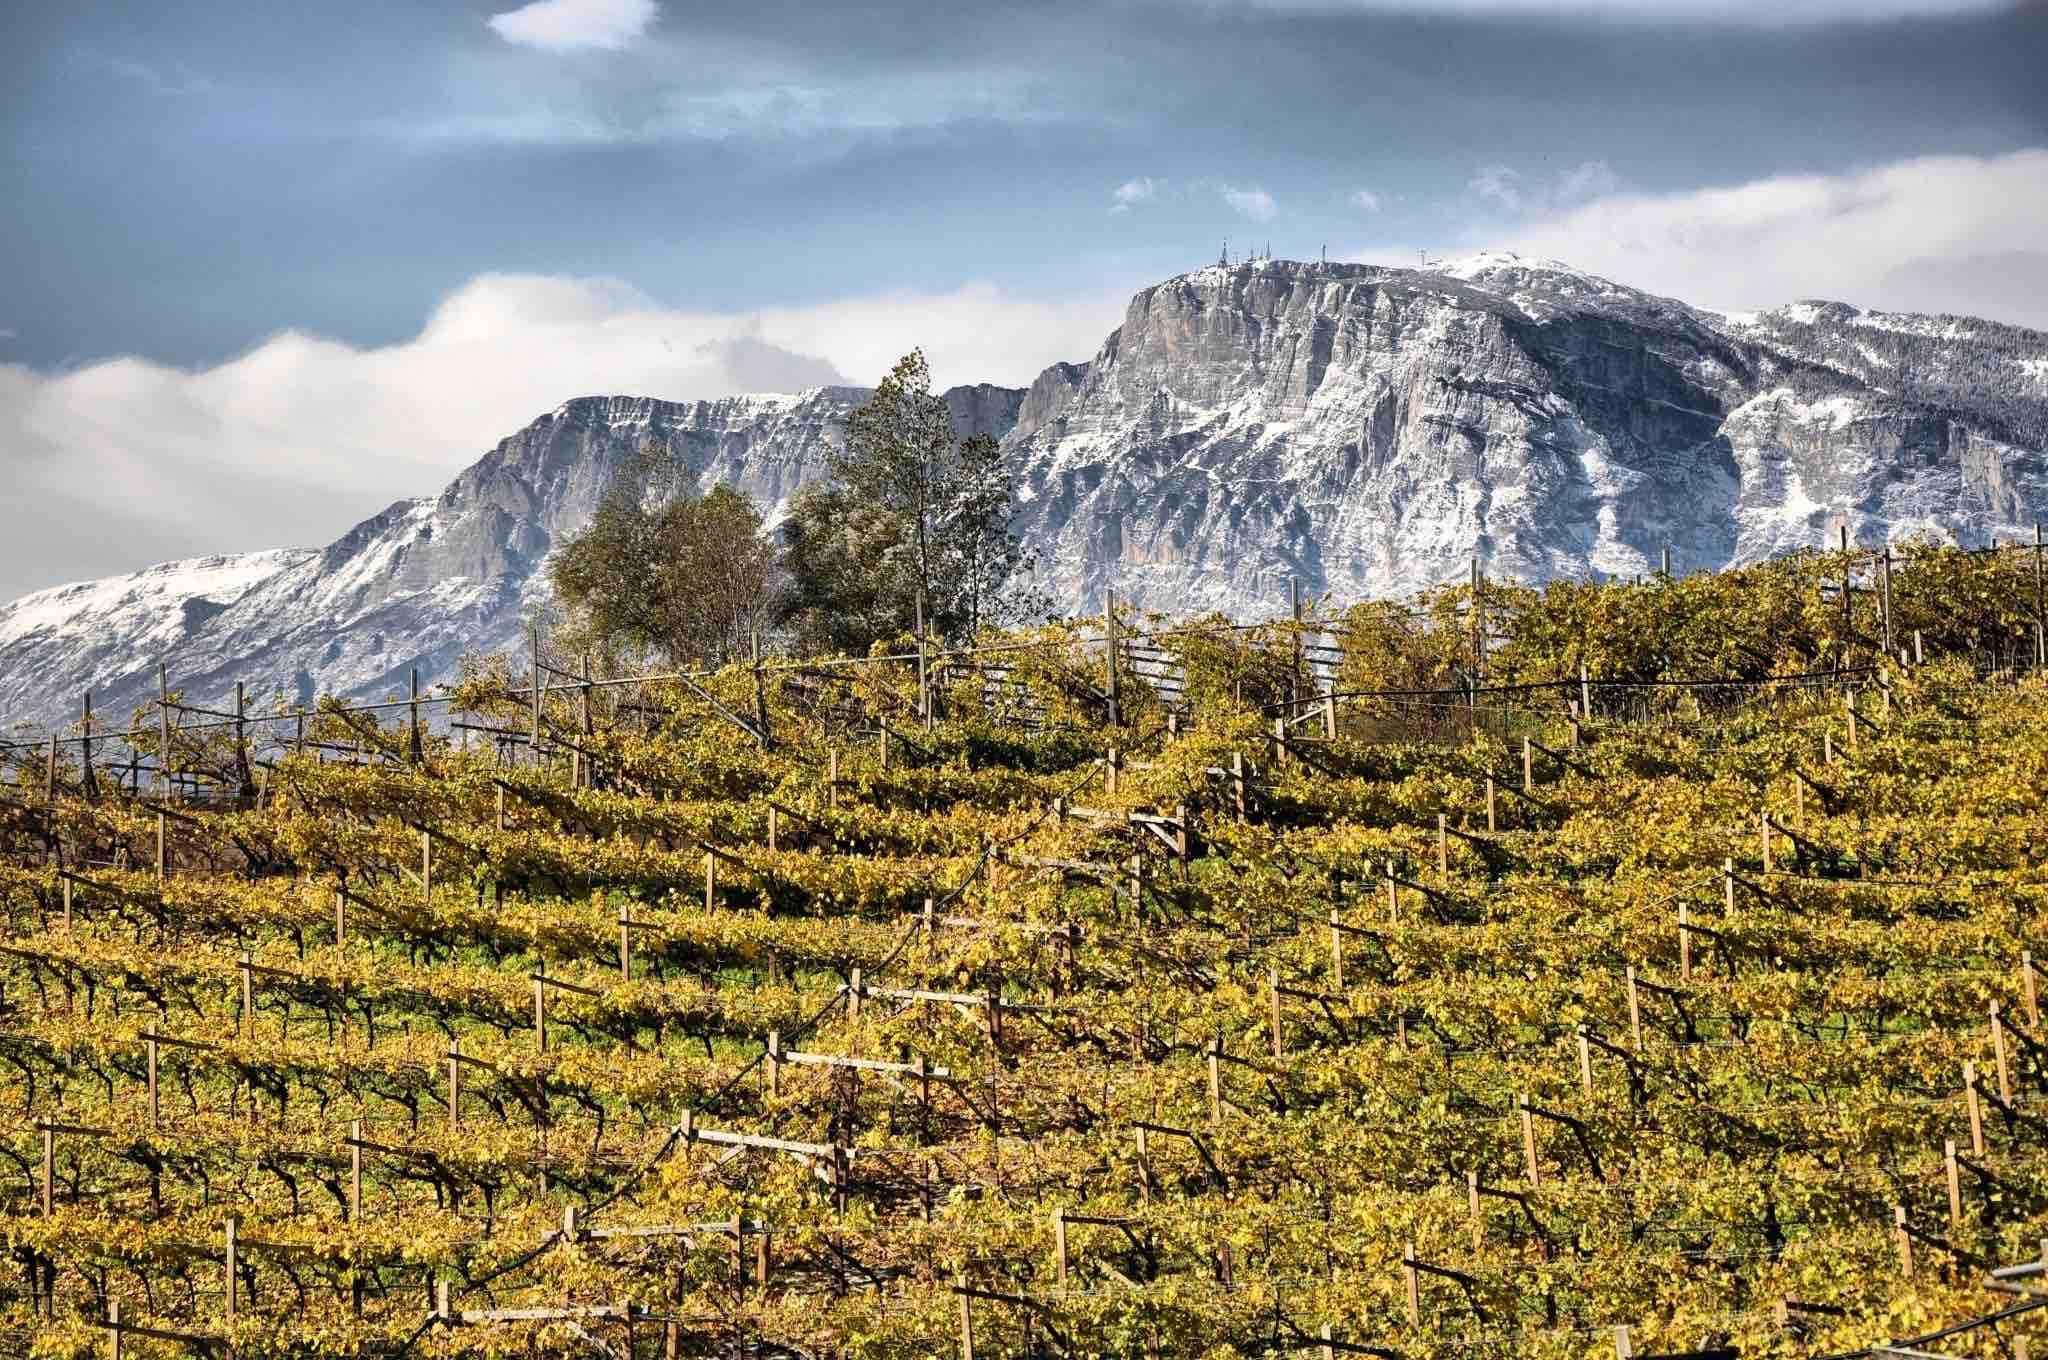 trentino alto adige-vino-villacorniole-valledicembra-12 - Maddalena Nardin Villa Corniole